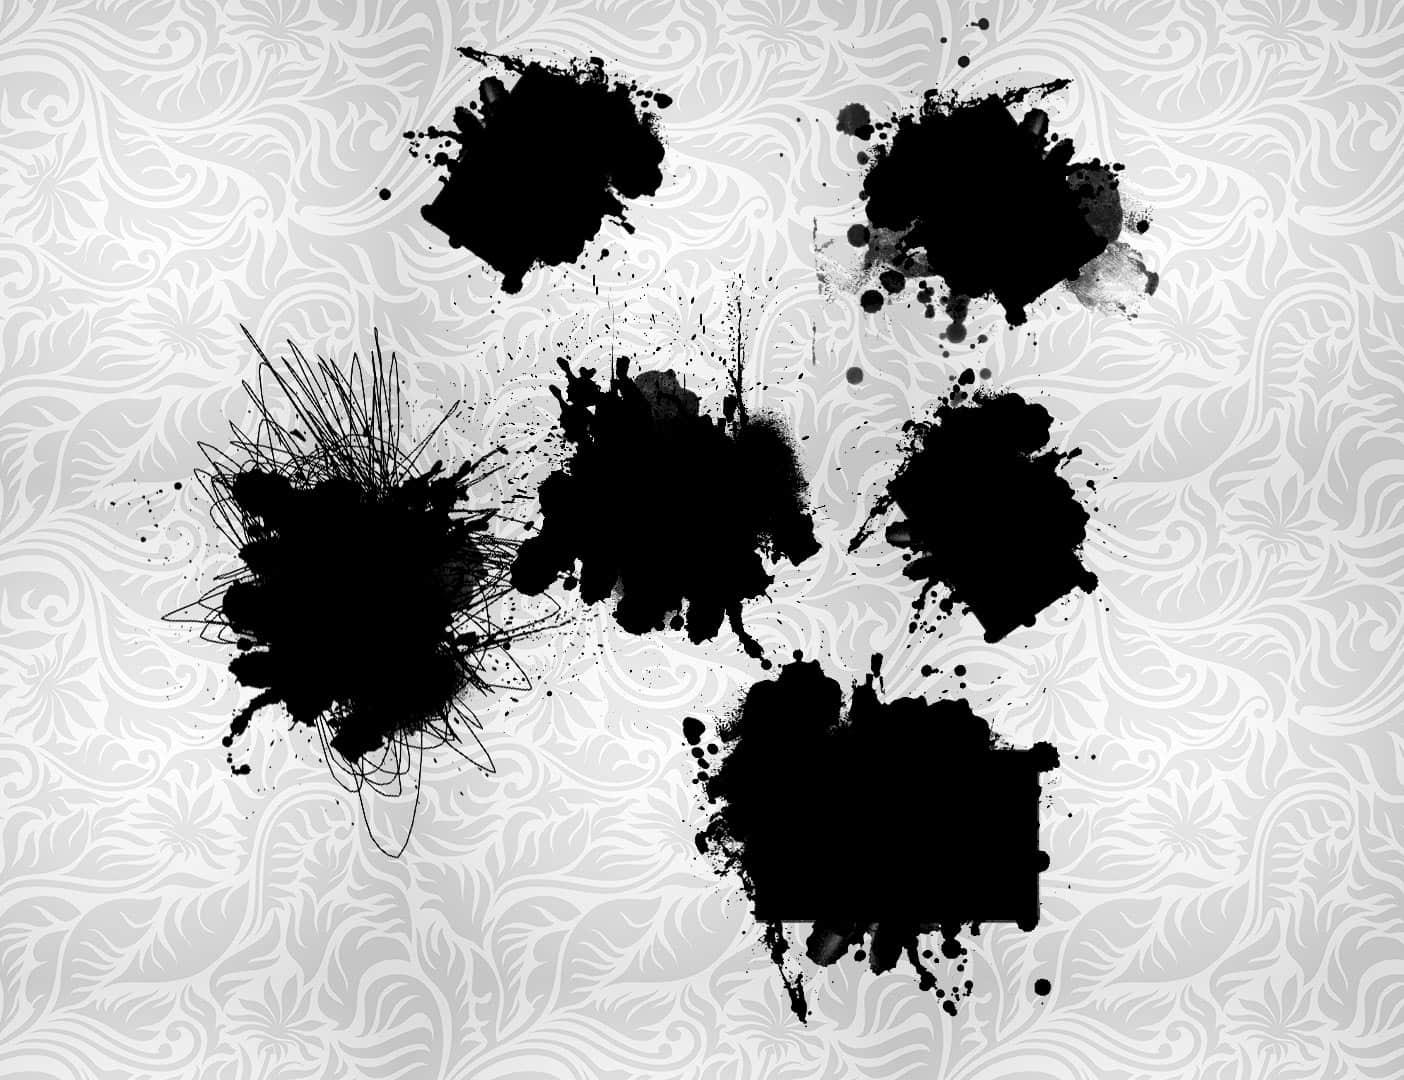 一套酷炫油漆泼墨效果背景装饰图案PS笔刷下载 酷炫油漆笔刷 泼墨笔刷  background brushes %e6%b2%b9%e6%bc%86%e7%ac%94%e5%88%b7